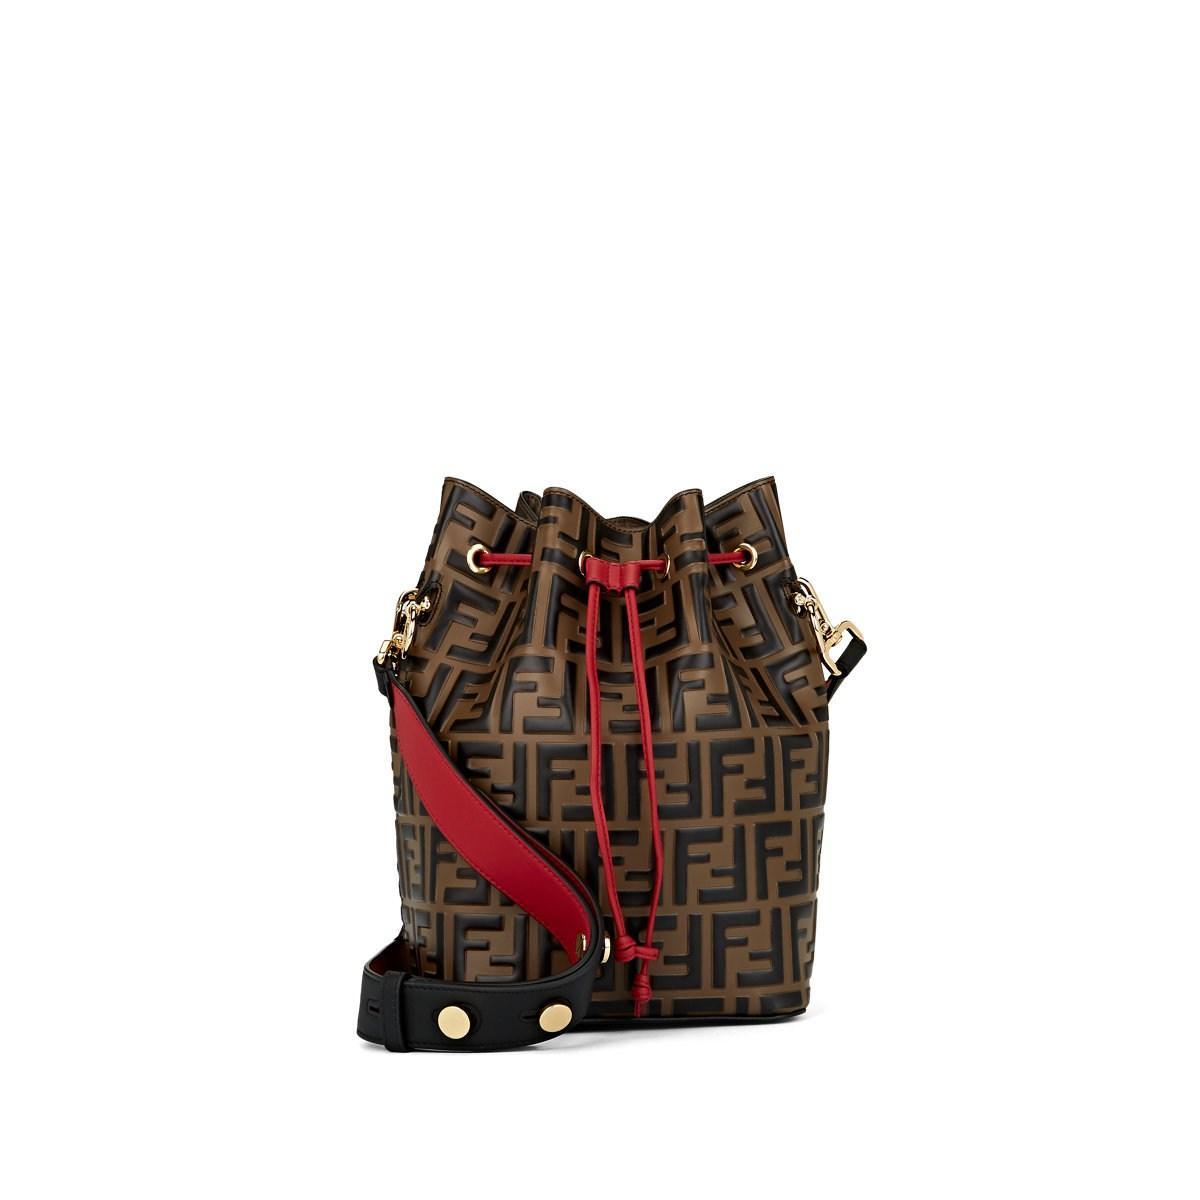 Fendi. Women s Mon Tresor Large Leather Bucket Bag ed8ad59e2d0d3